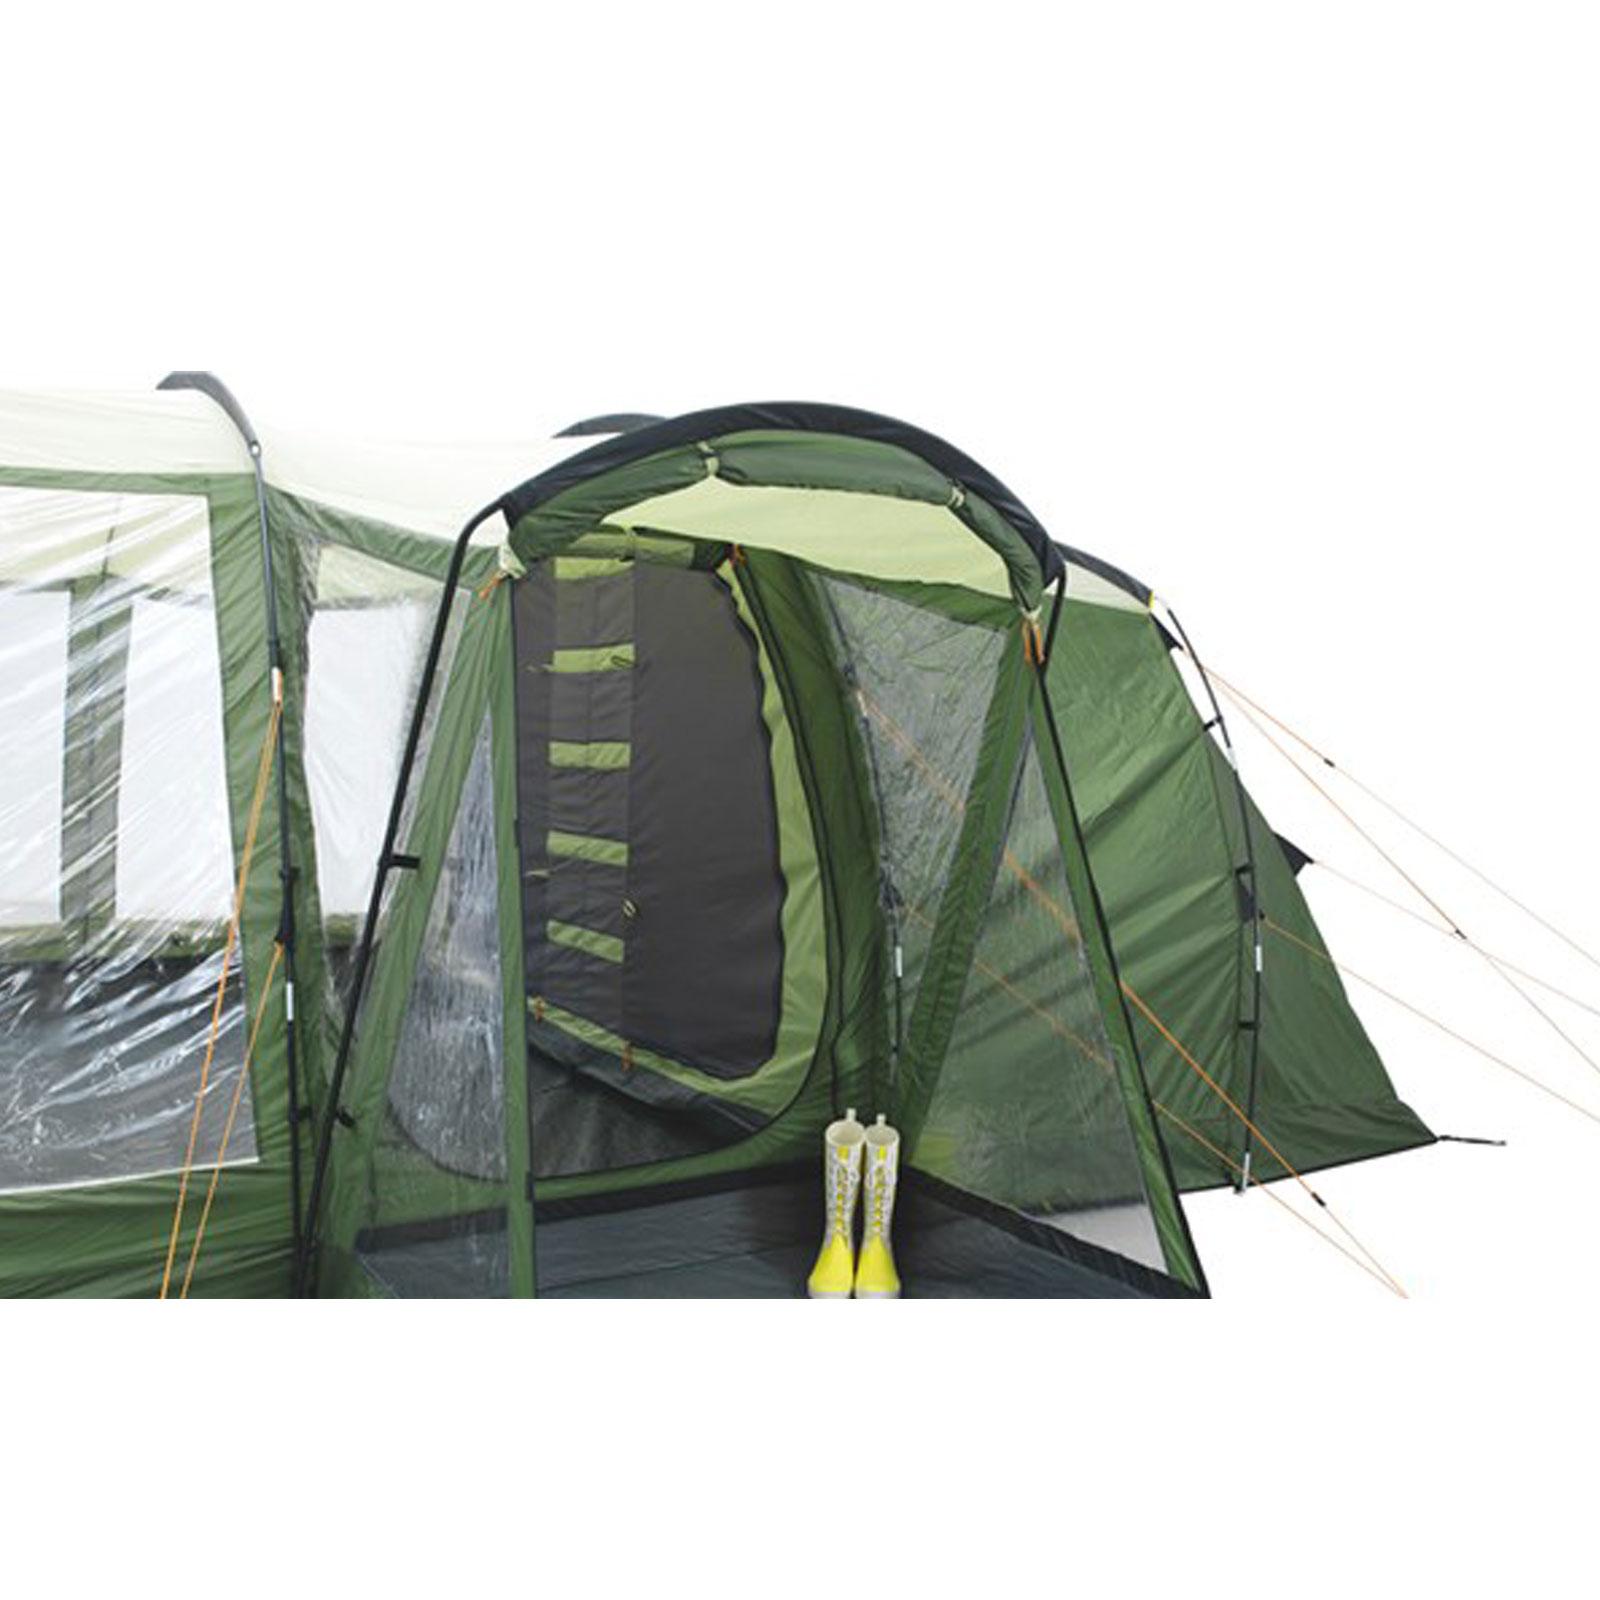 familienzelt 6 personen easy camp boston 600a tunnelzelt 6 mann zelt camping ebay. Black Bedroom Furniture Sets. Home Design Ideas